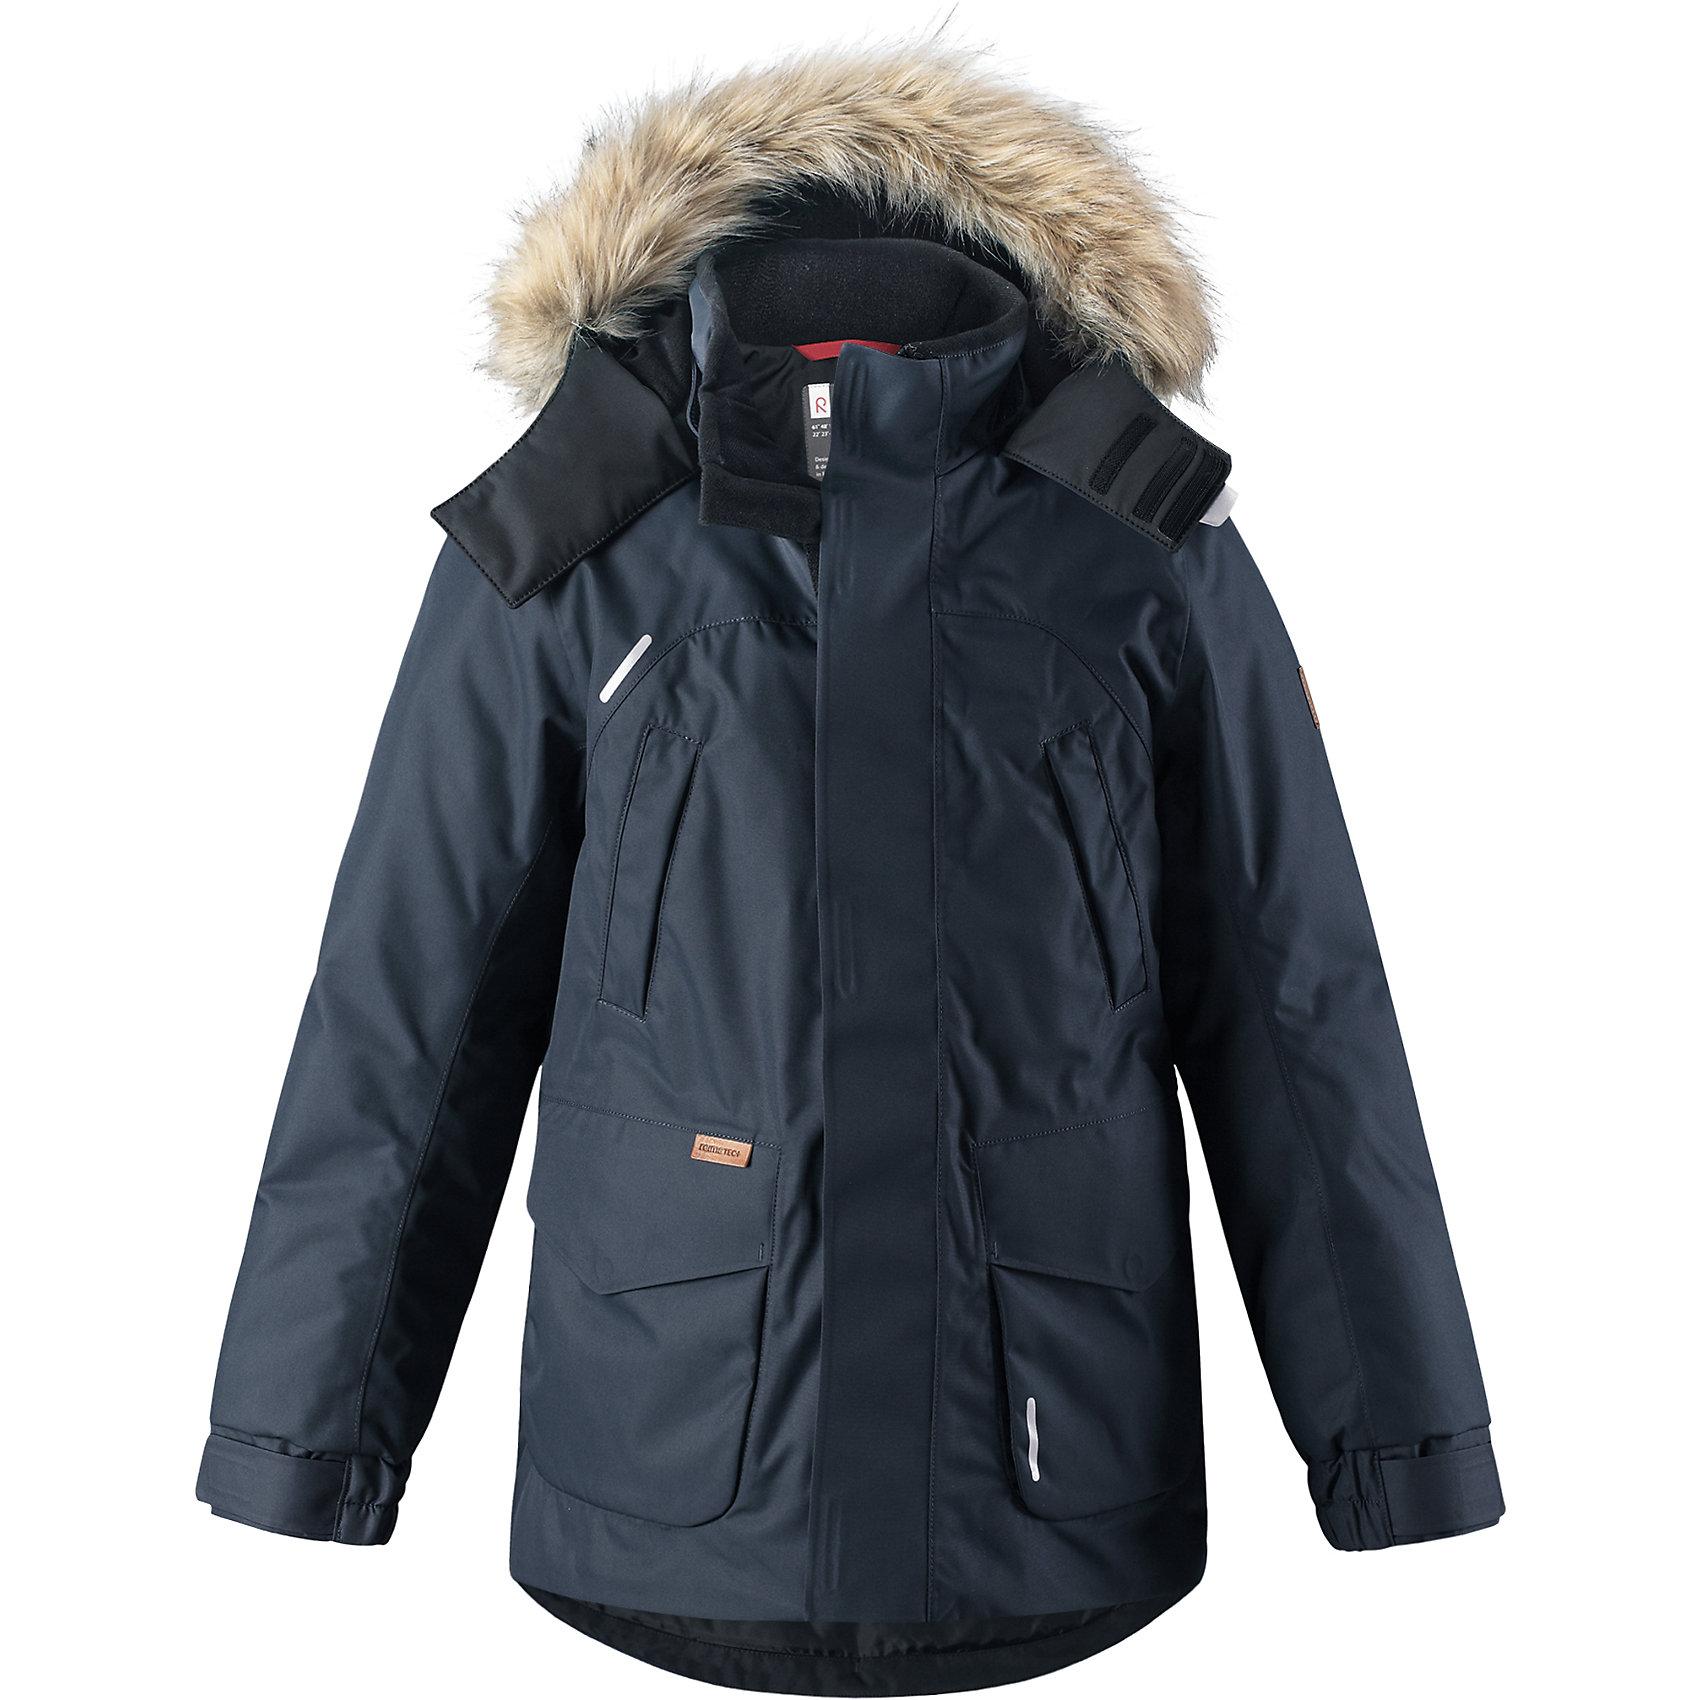 Куртка Reimatec®+ Reima SerkkuВерхняя одежда<br>Характеристики товара:<br><br>• цвет: темно-синий;<br>• состав: 100% полиэстер;<br>• подкладка: 100% полиэстер;<br>• утеплитель: 60% пух, 40% перо;<br>• сезон: зима;<br>• температурный режим: от 0 до -20С;<br>• водонепроницаемость: 15000 мм;<br>• воздухопроницаемость: 7000 мм;<br>• износостойкость: 40000 циклов (тест Мартиндейла);<br>• водо- и ветронепроницаемый, дышащий и грязеотталкивающий материал;<br>• все швы проклеены и водонепроницаемы;<br>• застежка: молния с дополнительной планкой;<br>• гладкая подкладка из полиэстера;<br>• безопасный съемный капюшон;<br>• съемный искусственный мех на капюшоне;<br>• регулируемые манжеты и подол;<br>• внутренняя регулировка талии;<br>• удлиненный подол сзади;<br>• два прорезных кармана;<br>• нагрудные карманы;<br>• внутренний нагрудный карман;<br>• петля для дополнительных светоотражающих деталей;<br>• светоотражающие детали;<br>• страна бренда: Финляндия;<br>• страна изготовитель: Китай.<br><br>Теплая детская куртка-пуховик сшита из ветронепроницаемого и дышащего материала, который, к тому же, абсолютно водонепроницаемый! Все швы в этой стильной куртке проклеены и водонепроницаемы, что гарантирует максимальный комфорт во время зимних прогулок, при любой погоде. Талия и подол этой удлиненной модели легко регулируются, что позволяет подогнать куртку точно по фигуре. <br><br>Съемный капюшон защищает от пронизывающего ветра и безопасен во время игр на свежем воздухе. Кнопки легко отстегиваются, если капюшон случайно за что-нибудь зацепится. Куртка подшита гладкой подкладкой. Модный образ дополняет капюшон с элегантной оторочкой из искусственного меха, которую при желании также можно снять. В нескольких карманах удобно хранить разные важные предметы во время прогулок.<br><br>Куртку Serkku Reimatec®+ Reima от финского бренда Reima (Рейма) можно купить в нашем интернет-магазине.<br><br>Ширина мм: 356<br>Глубина мм: 10<br>Высота мм: 245<br>Вес г: 519<br>Цвет: синий<br>Возраст от месяц